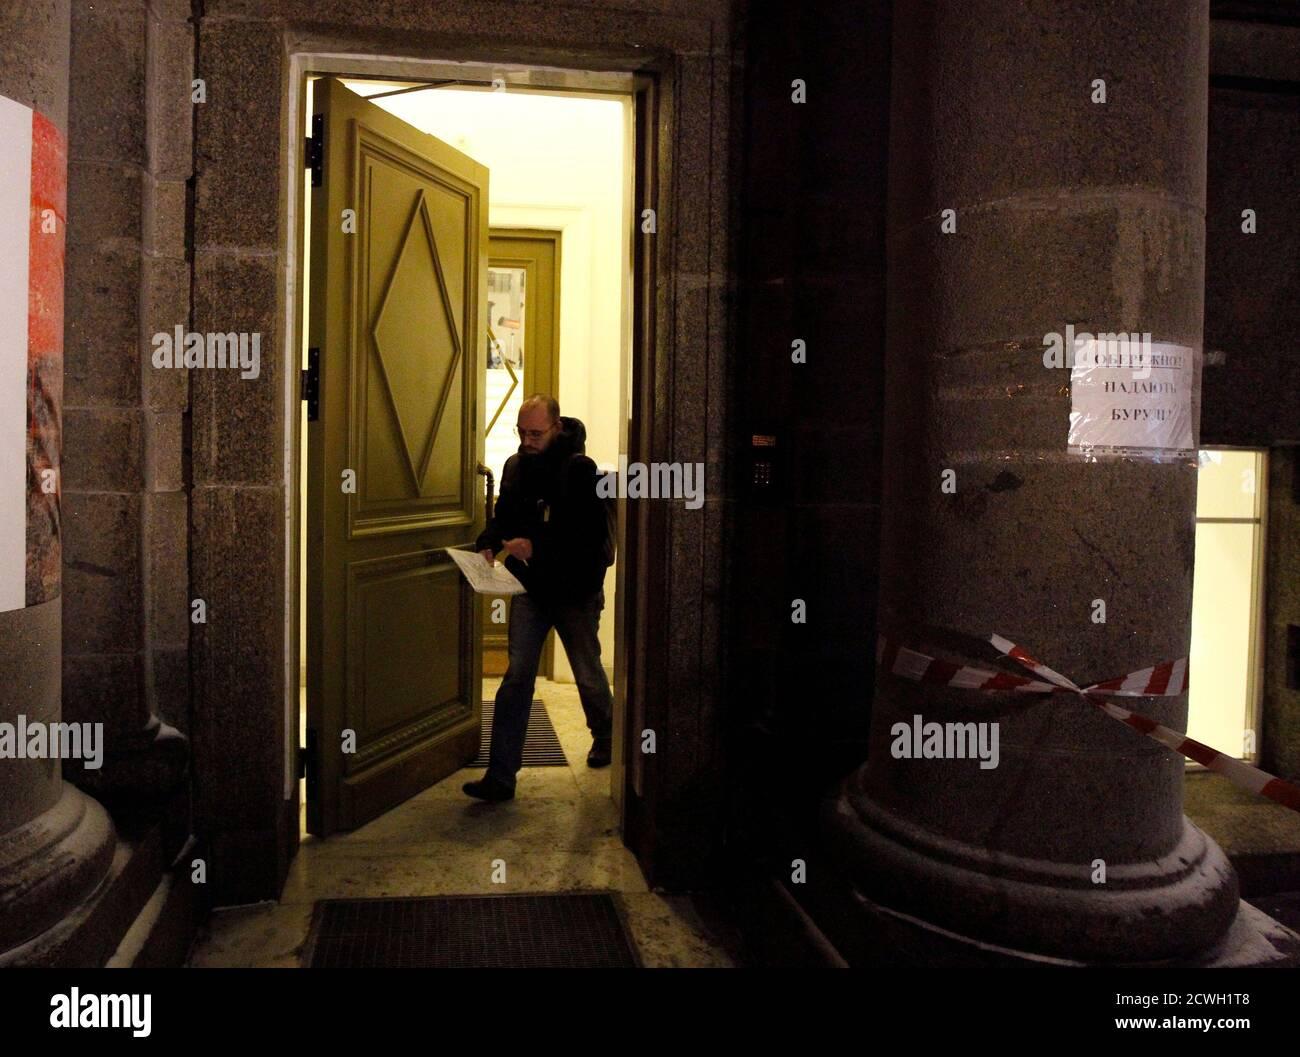 Igor Skliarevsky sale de su oficina en Kiev, 12 de diciembre de 2013. De día, Igor Skliarevsky trabaja como diseñador gráfico. Por la noche, es un manifestante anti-gubernamental, a veces manejando las barricadas en la capital nevada de Ucrania. El joven de 36 años entrega mapas para los compañeros manifestantes, dirigiéndolos a puestos médicos o cocinas. También creó un sitio web que coordinaba alimentos, ropa de abrigo y otros suministros para los acampados en la Plaza de la Independencia de Kiev. Foto tomada el 12 de diciembre de 2013. REUTERS/Vasily Fedosenko (UCRANIA - Tags: POLÍTICA DISTURBIOS CIVILES) Foto de stock